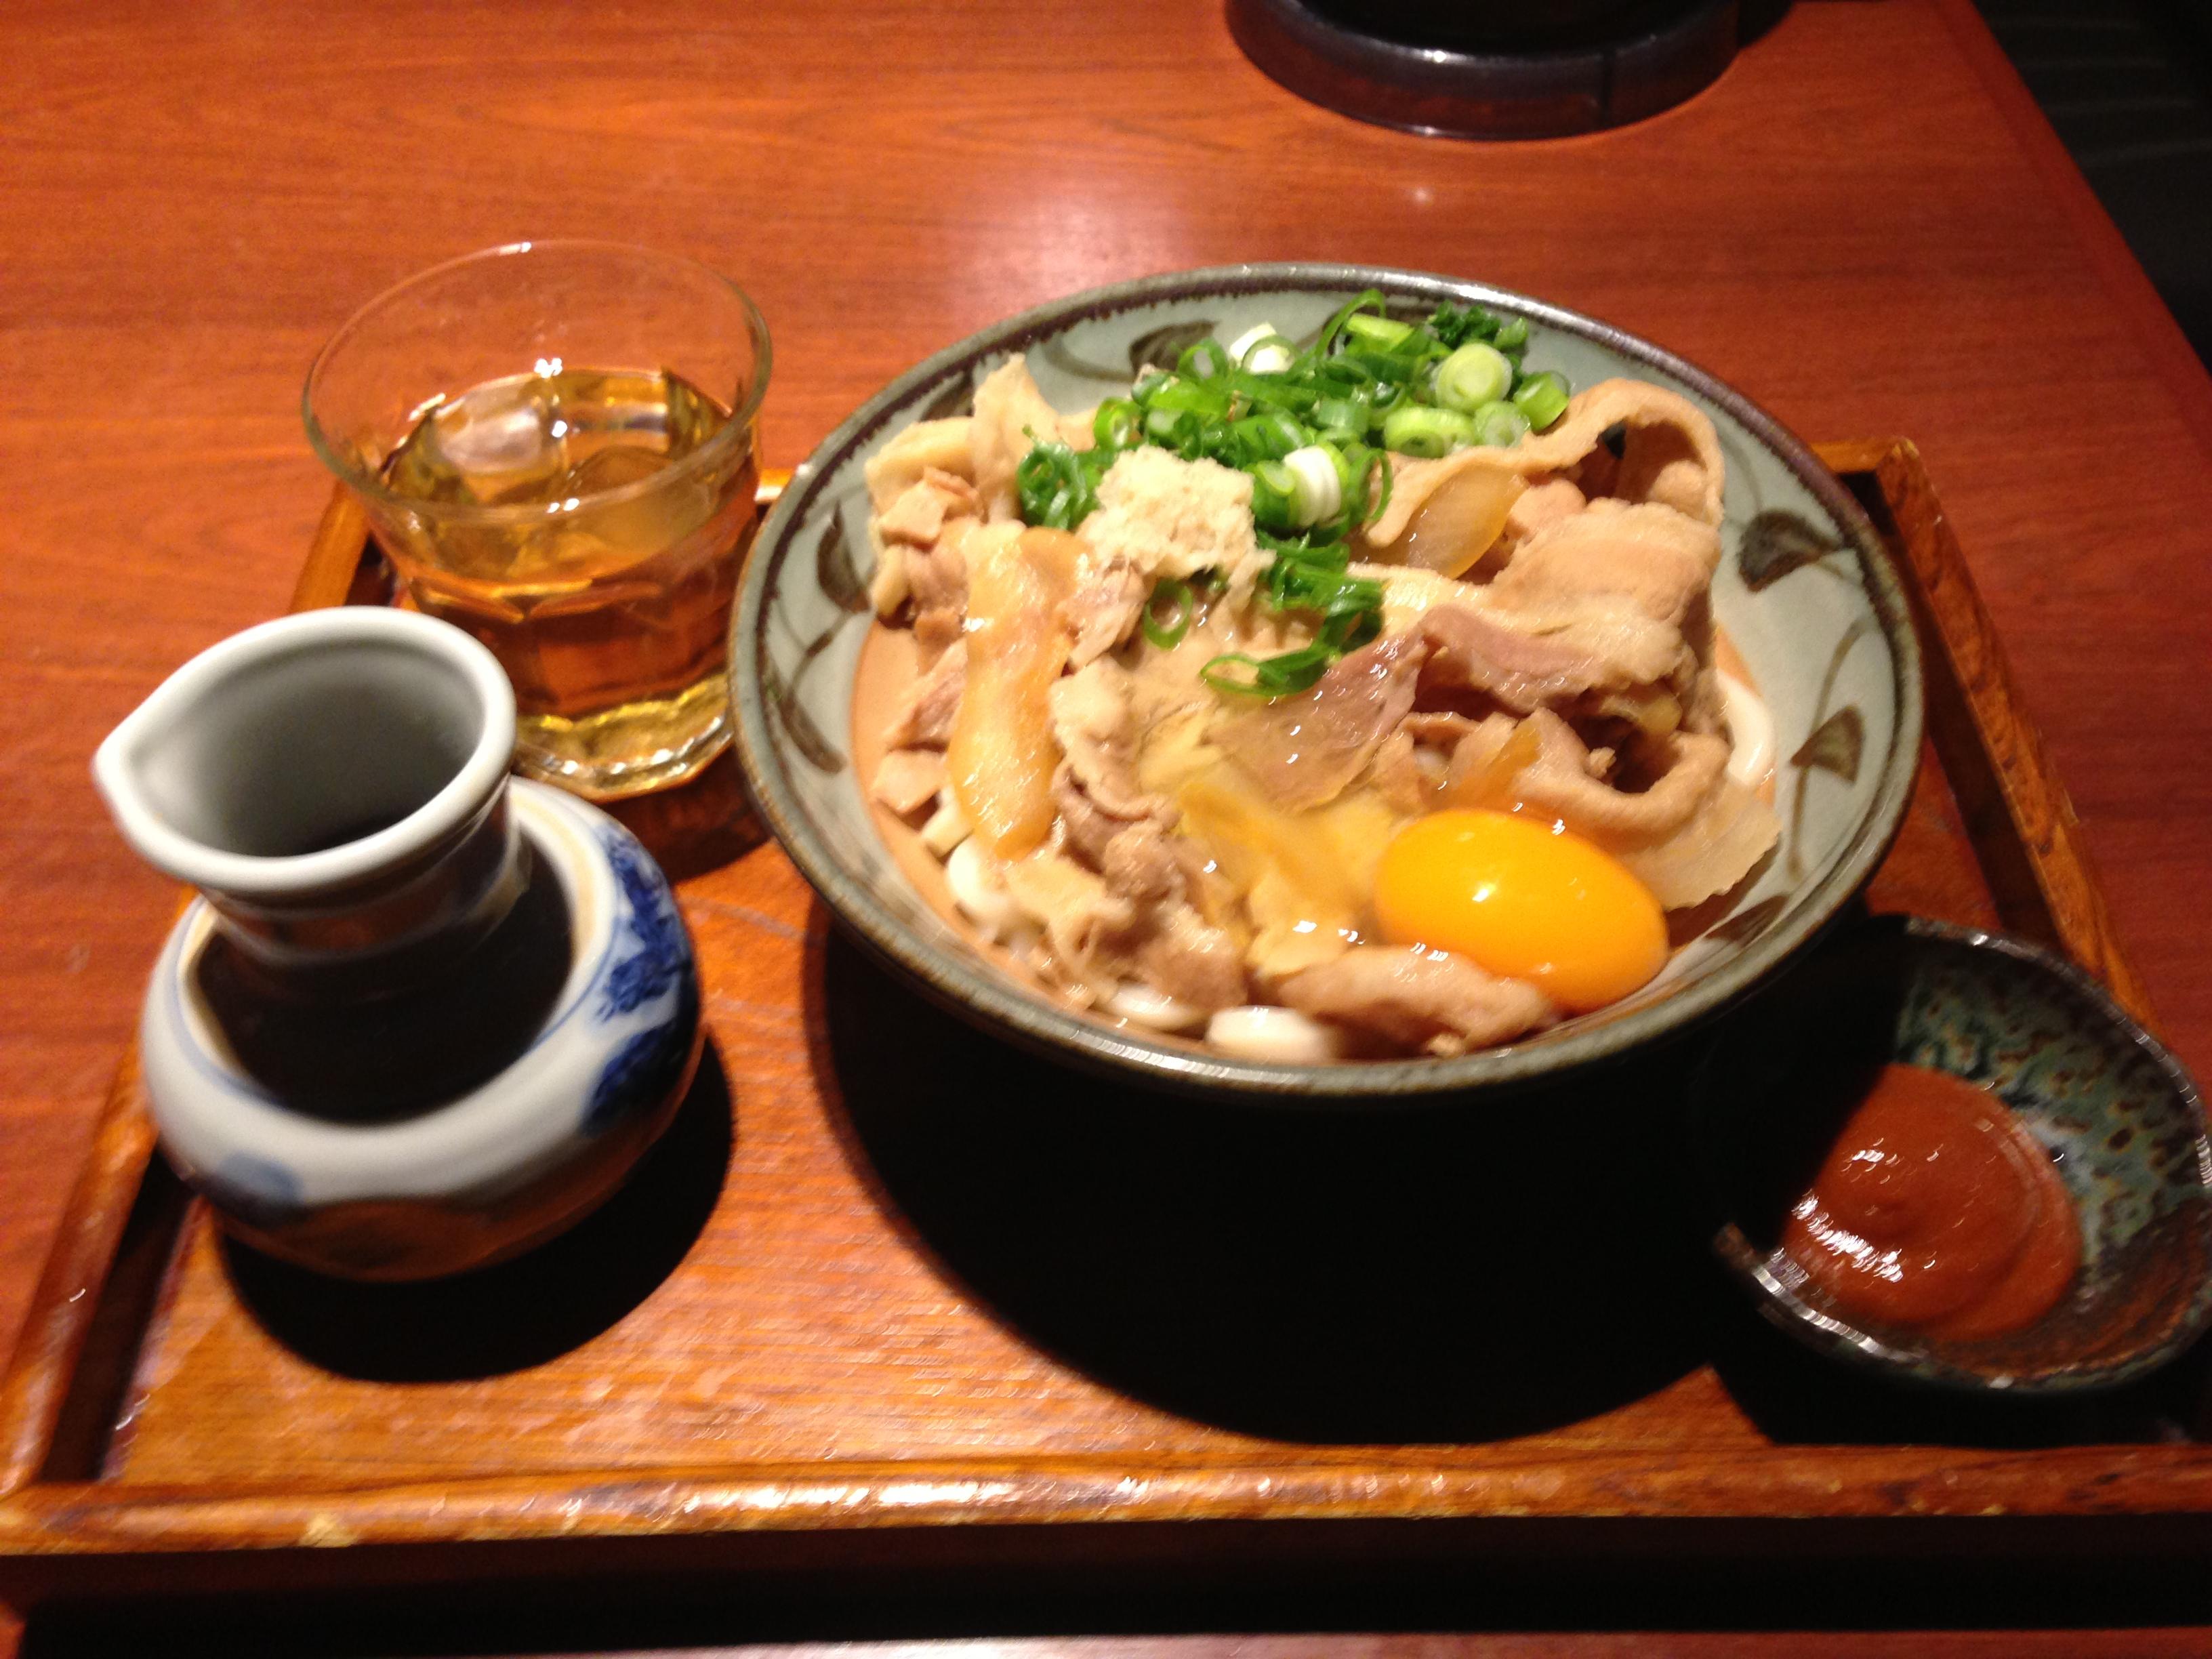 野らぼー|神田で讃岐うどんを食べられる!